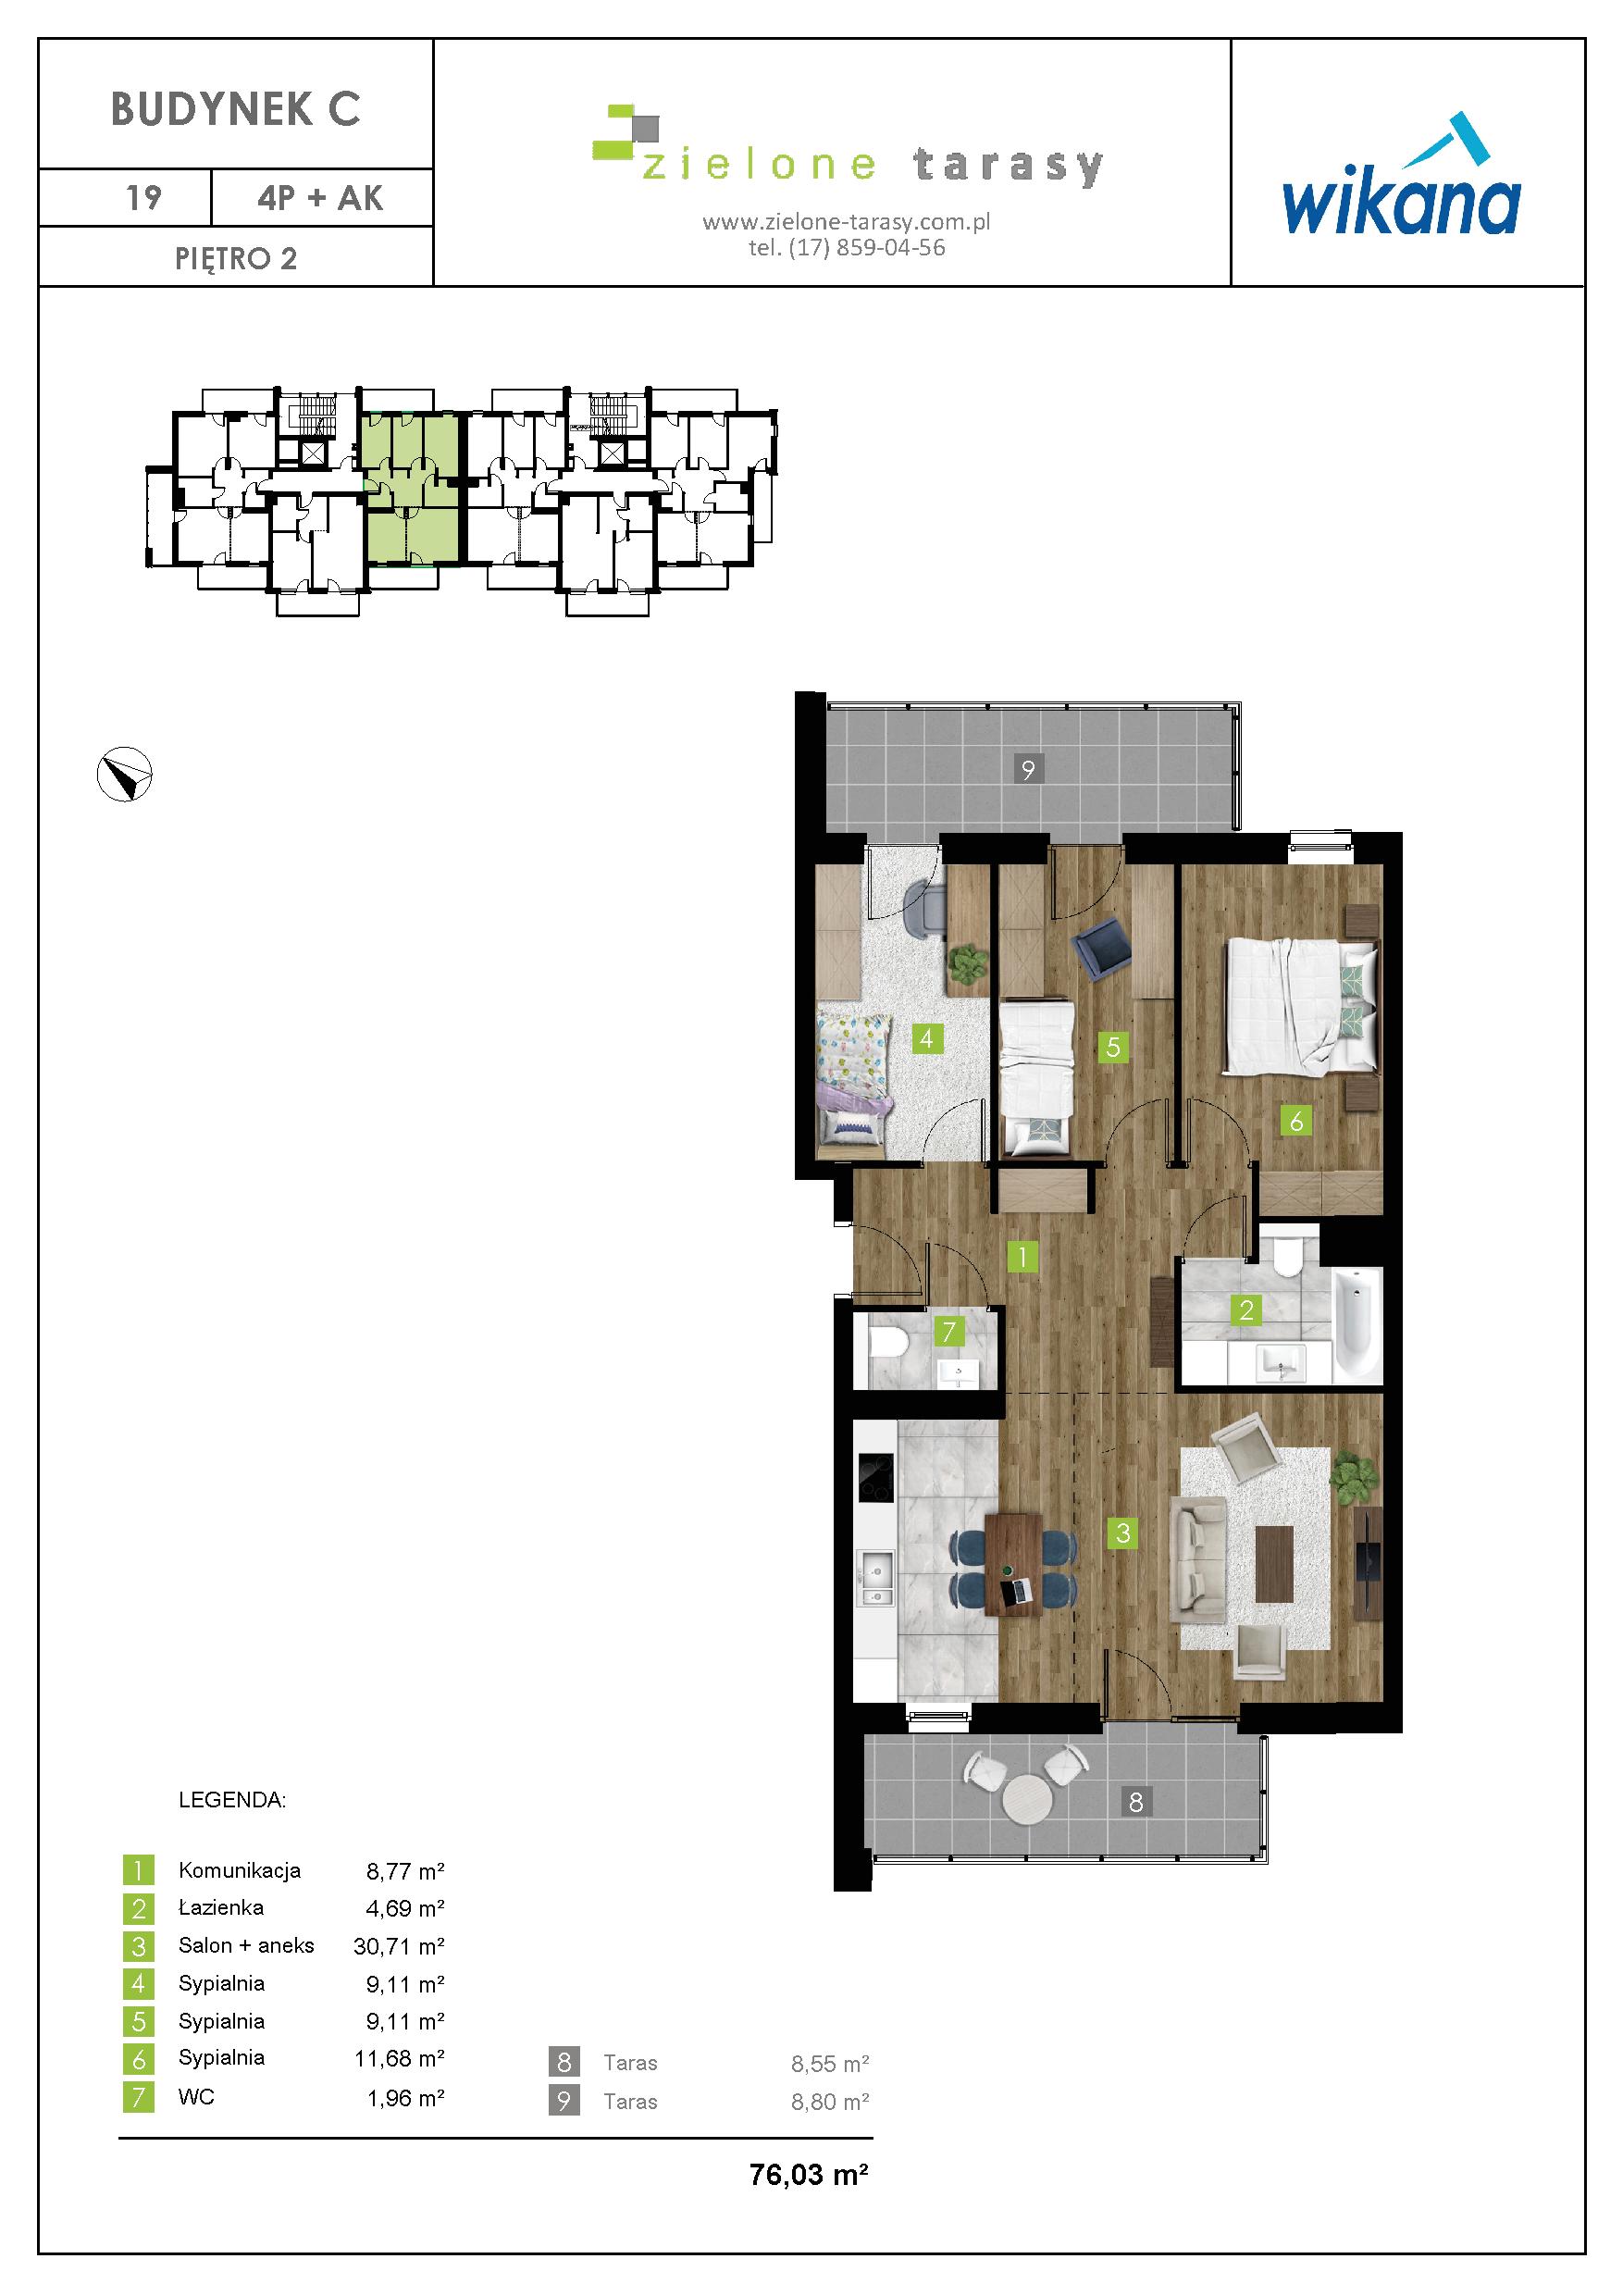 sprzedaż mieszkań rzeszów - C-19